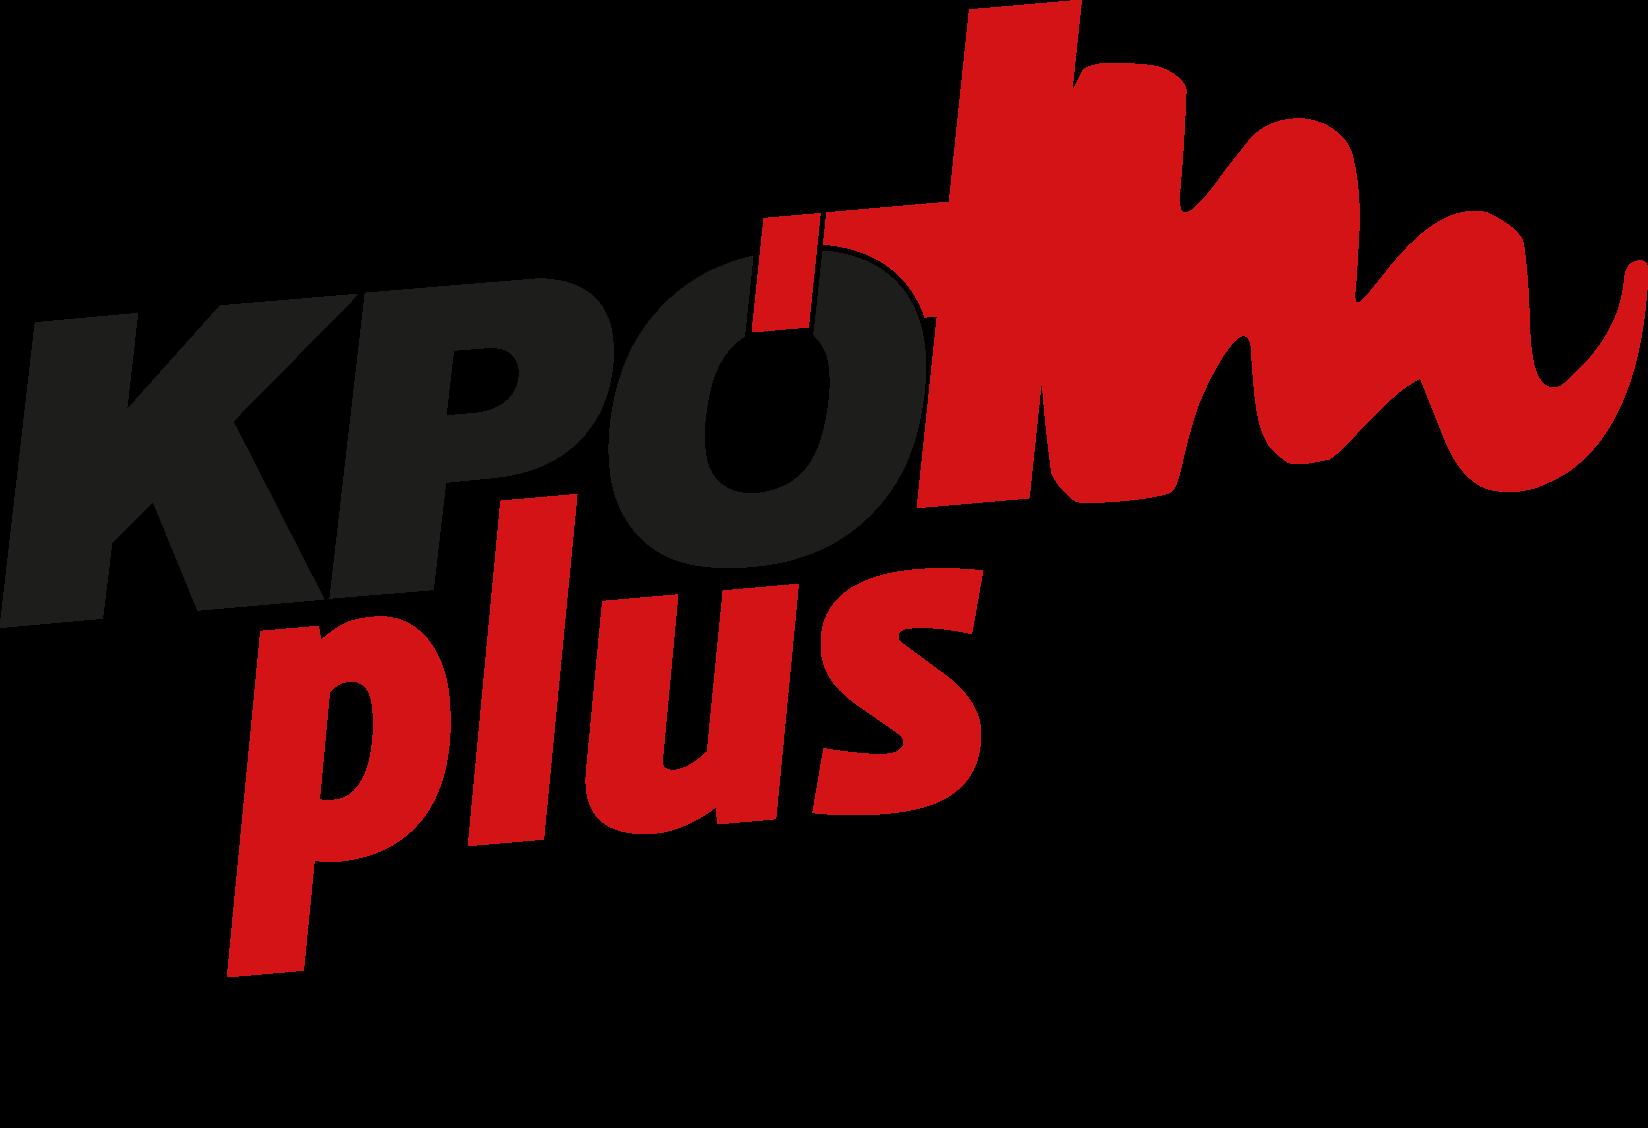 KPÖplus Kärnten/Koroška